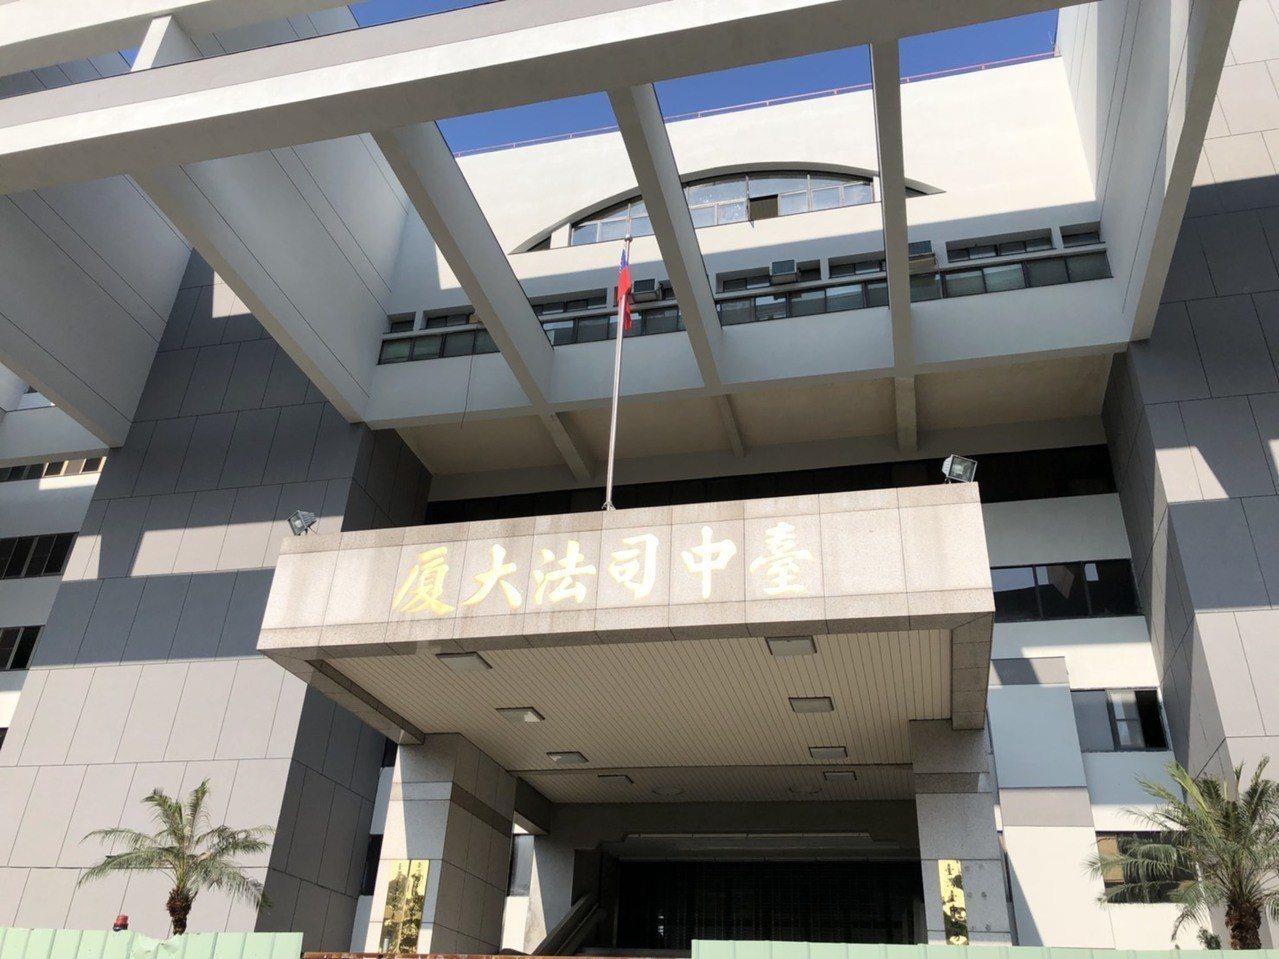 連姓女子颱風天車停繳費停車場,車被砸毀業者判賠14萬。報系資料照